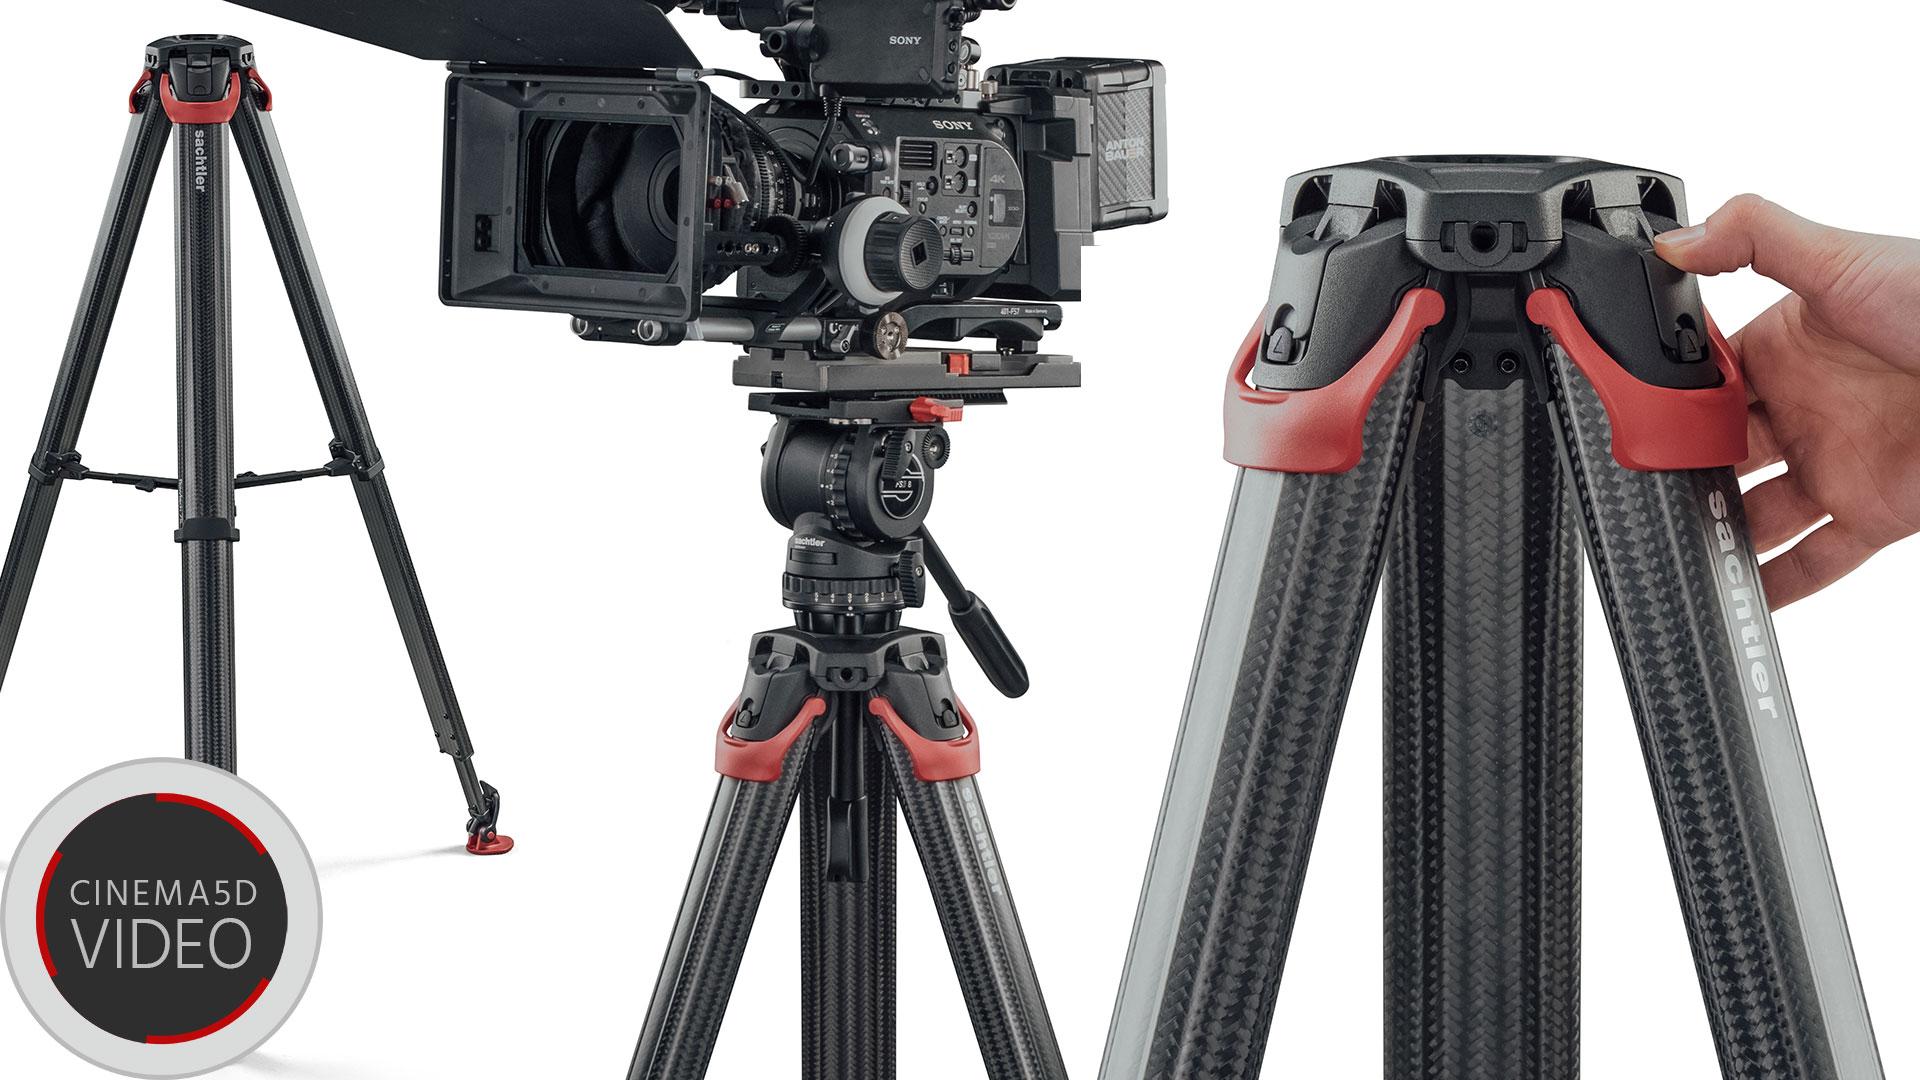 ザハトラーが次世代の三脚Flowtech 75を発表 | cinema5D